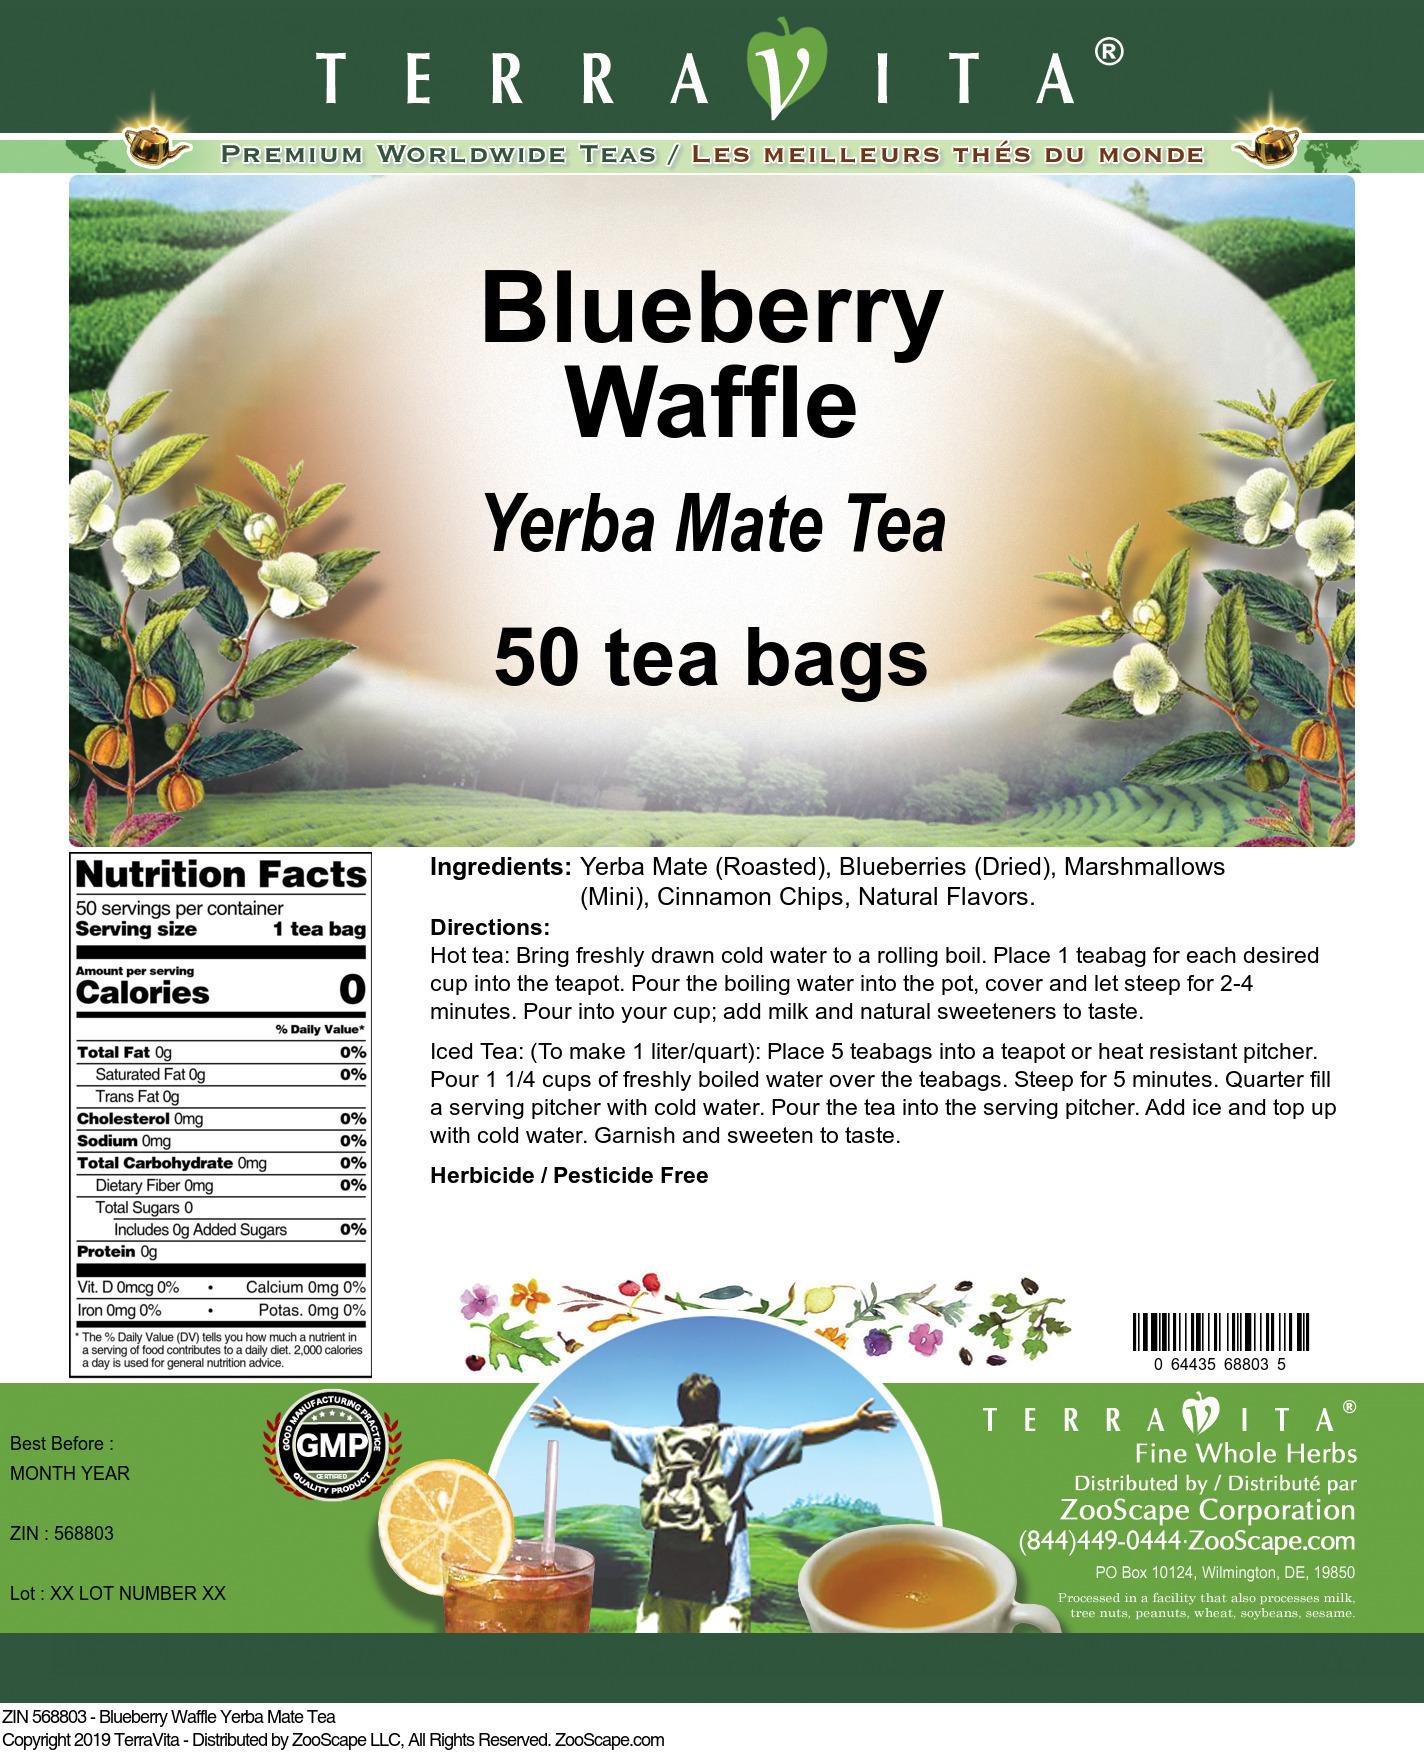 Blueberry Waffle Yerba Mate